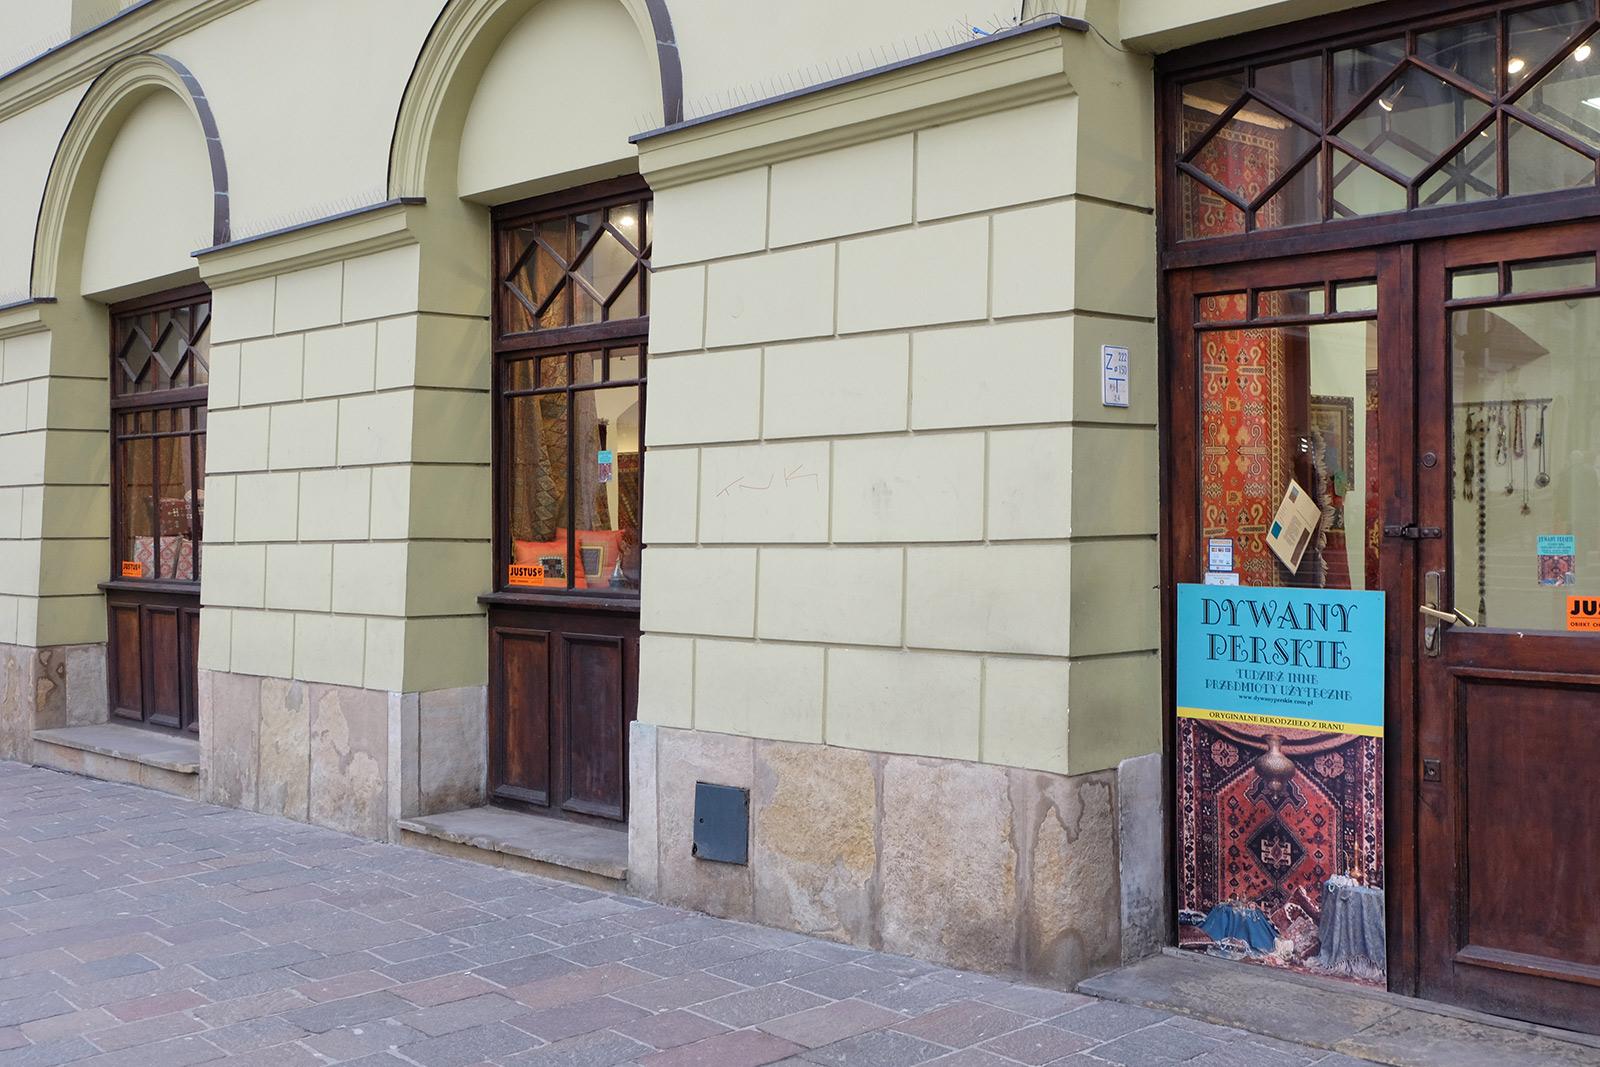 O Nas Dywany I Tkaniny Perskie Sklep Perski Kraków